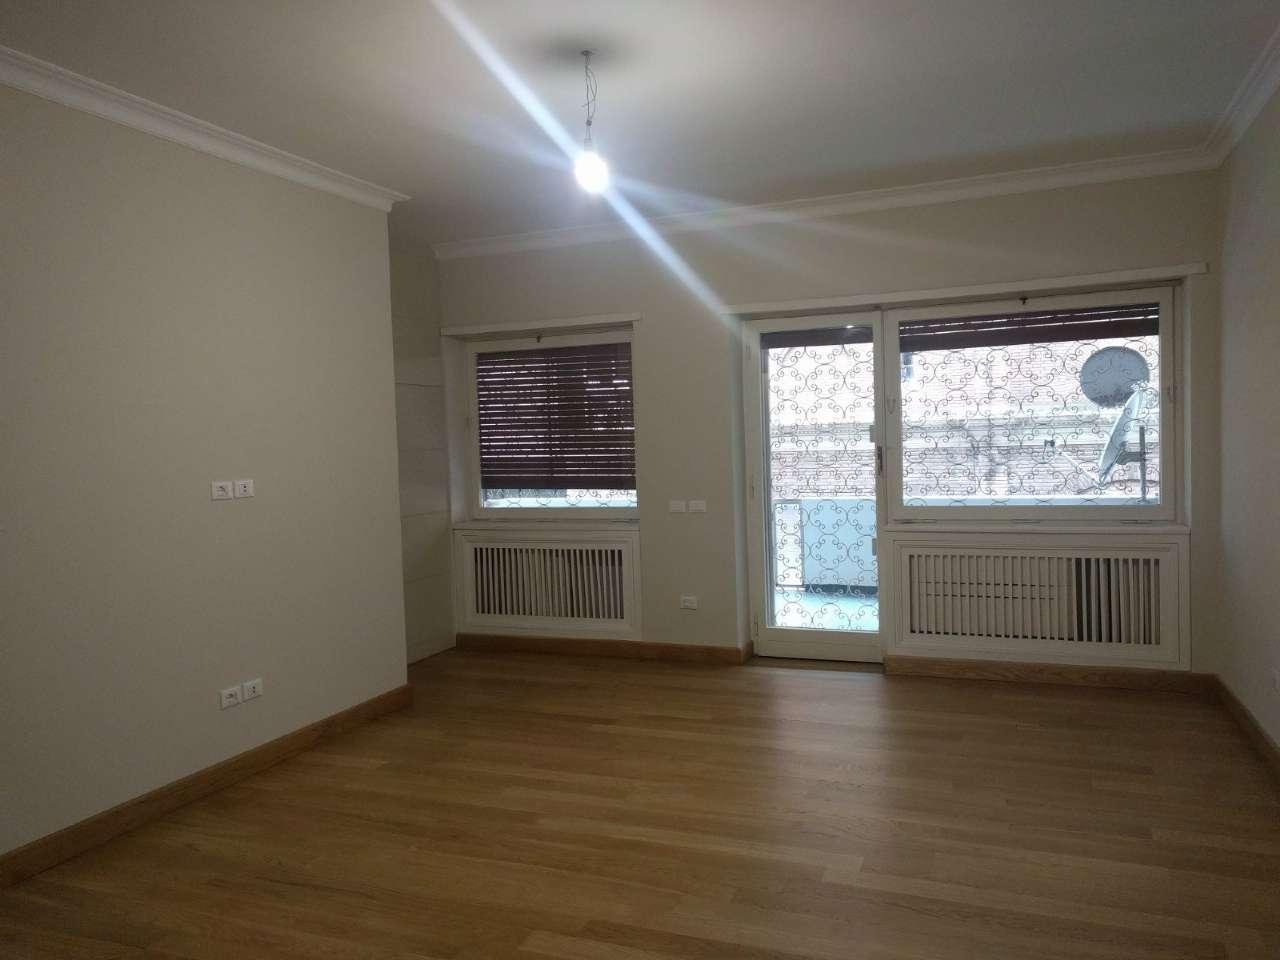 Appartamento in vendita a Roma, 5 locali, zona Zona: 1 . Centro storico, prezzo € 1.250.000 | CambioCasa.it